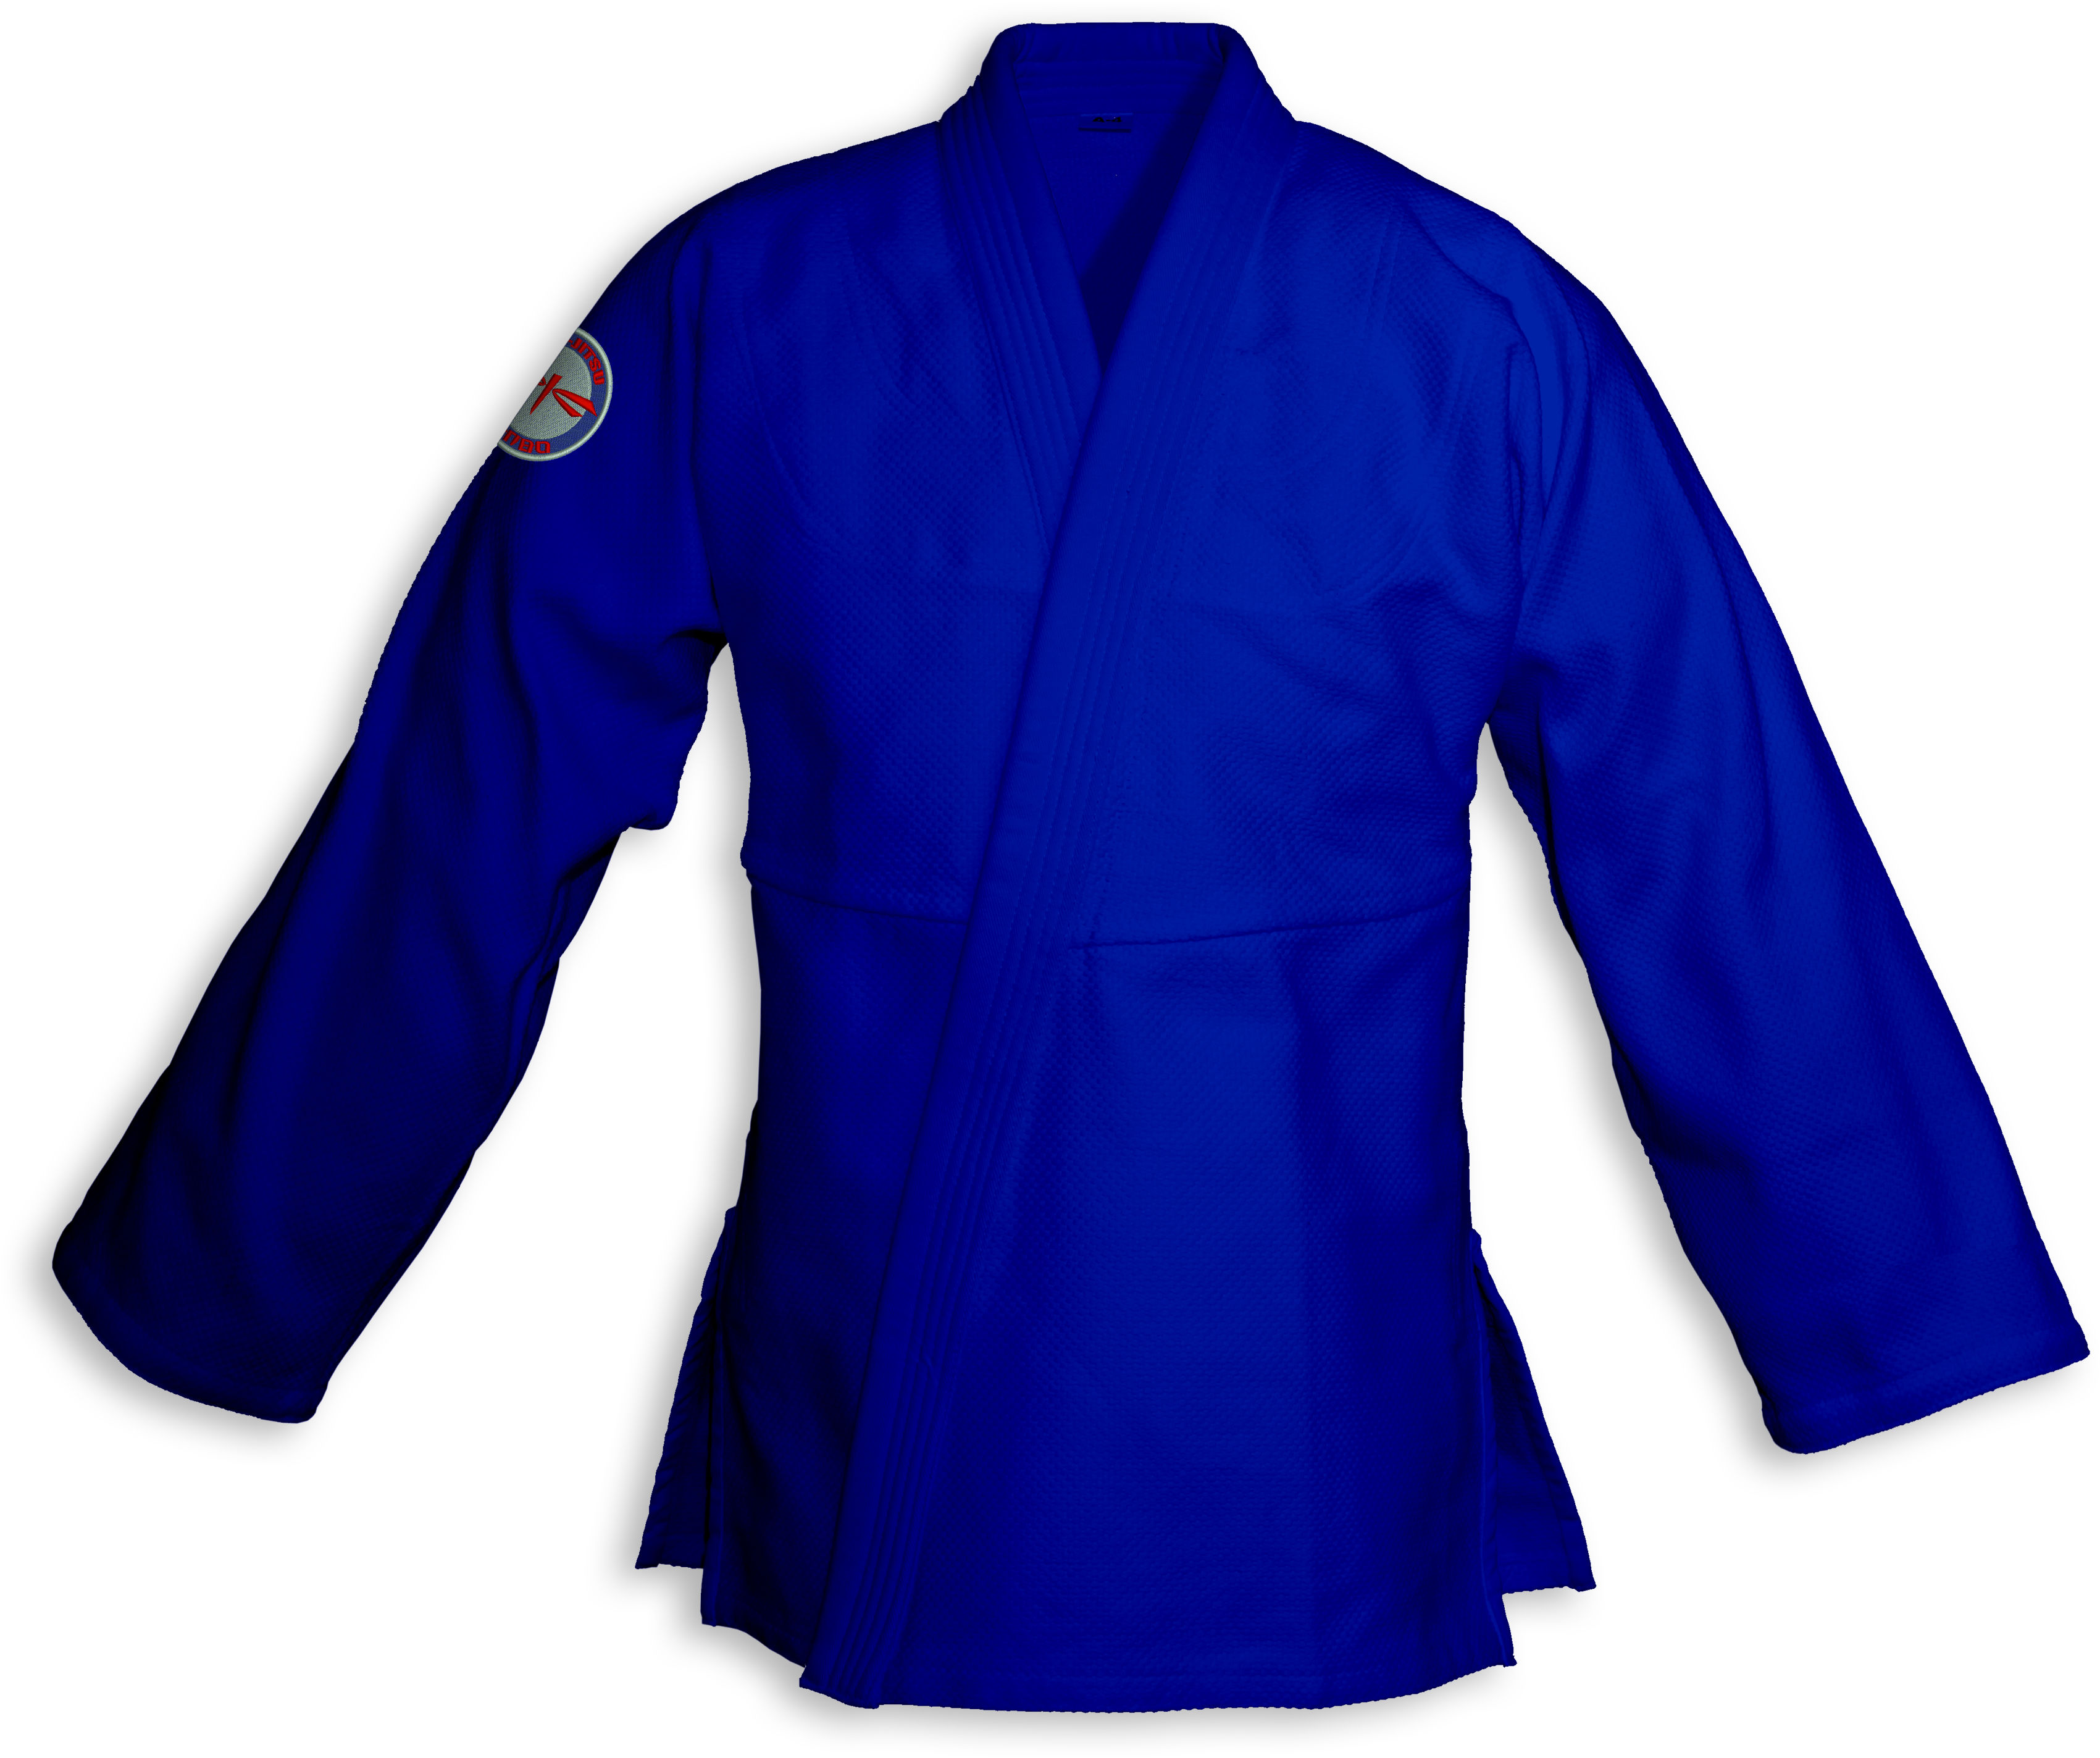 bluza BJJ / Jiu-Jitsu NAKED-LIGHT, niebieska, 420g/m2 (21 rozmiarów)